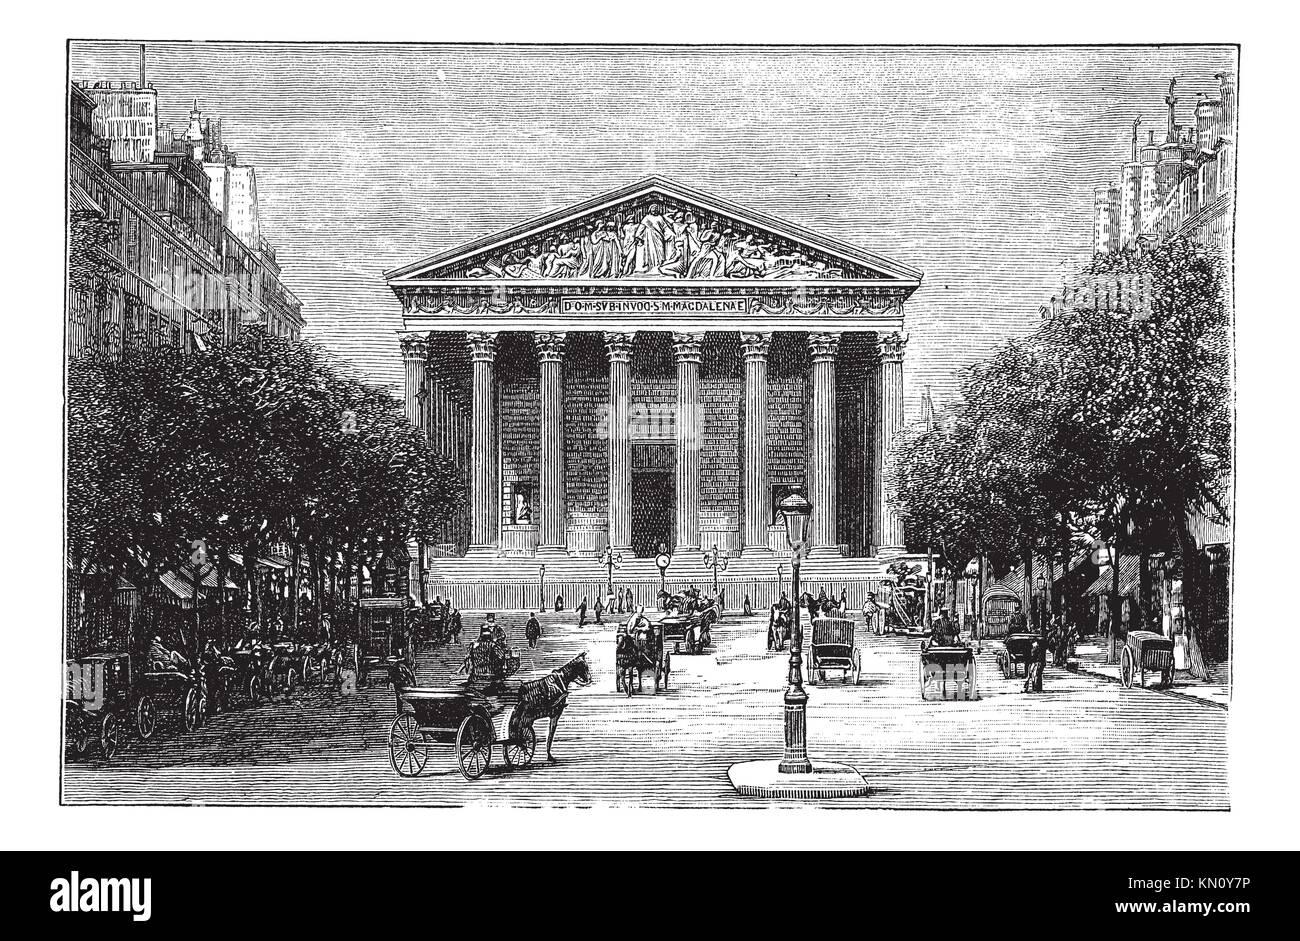 Kirche La Madeleine und der Rue Royale in Paris, Frankreich, in den 1890er Jahren, vintage Gravur Alte eingravierte Darstellung der Kirche La Madeleine und der Rue Royale Stockfoto